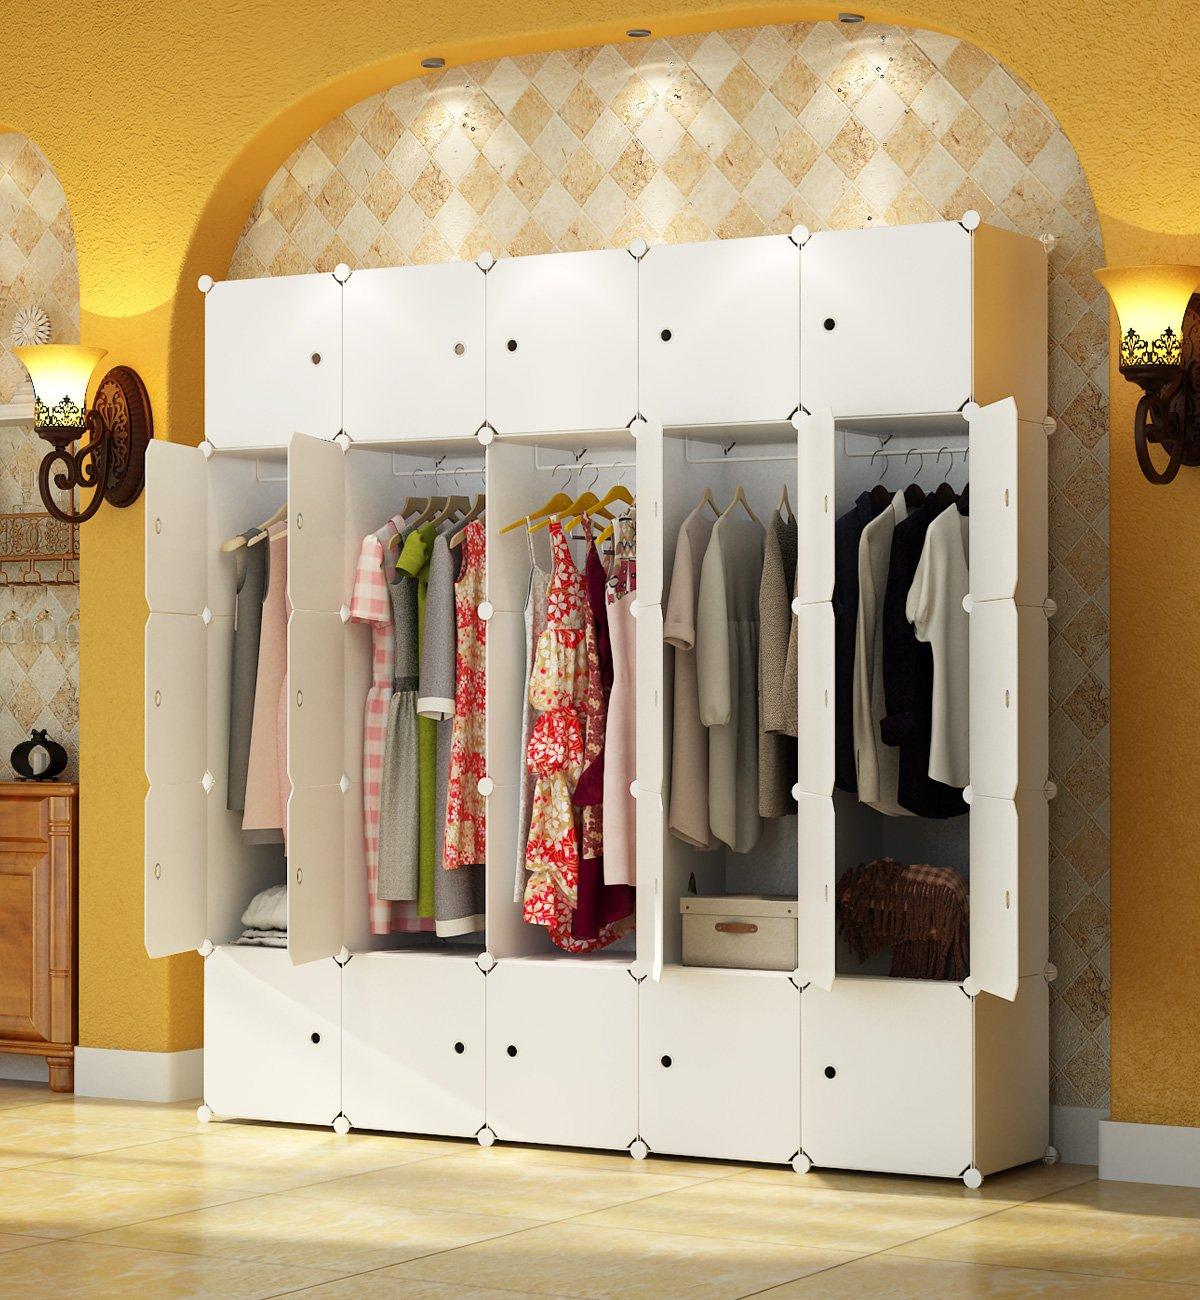 KOUSI Portable Closet Wardrobe Bedroom Armoire Storage Organizer with Doors, Capacious & Sturdy. 25 cube White by KOUSI